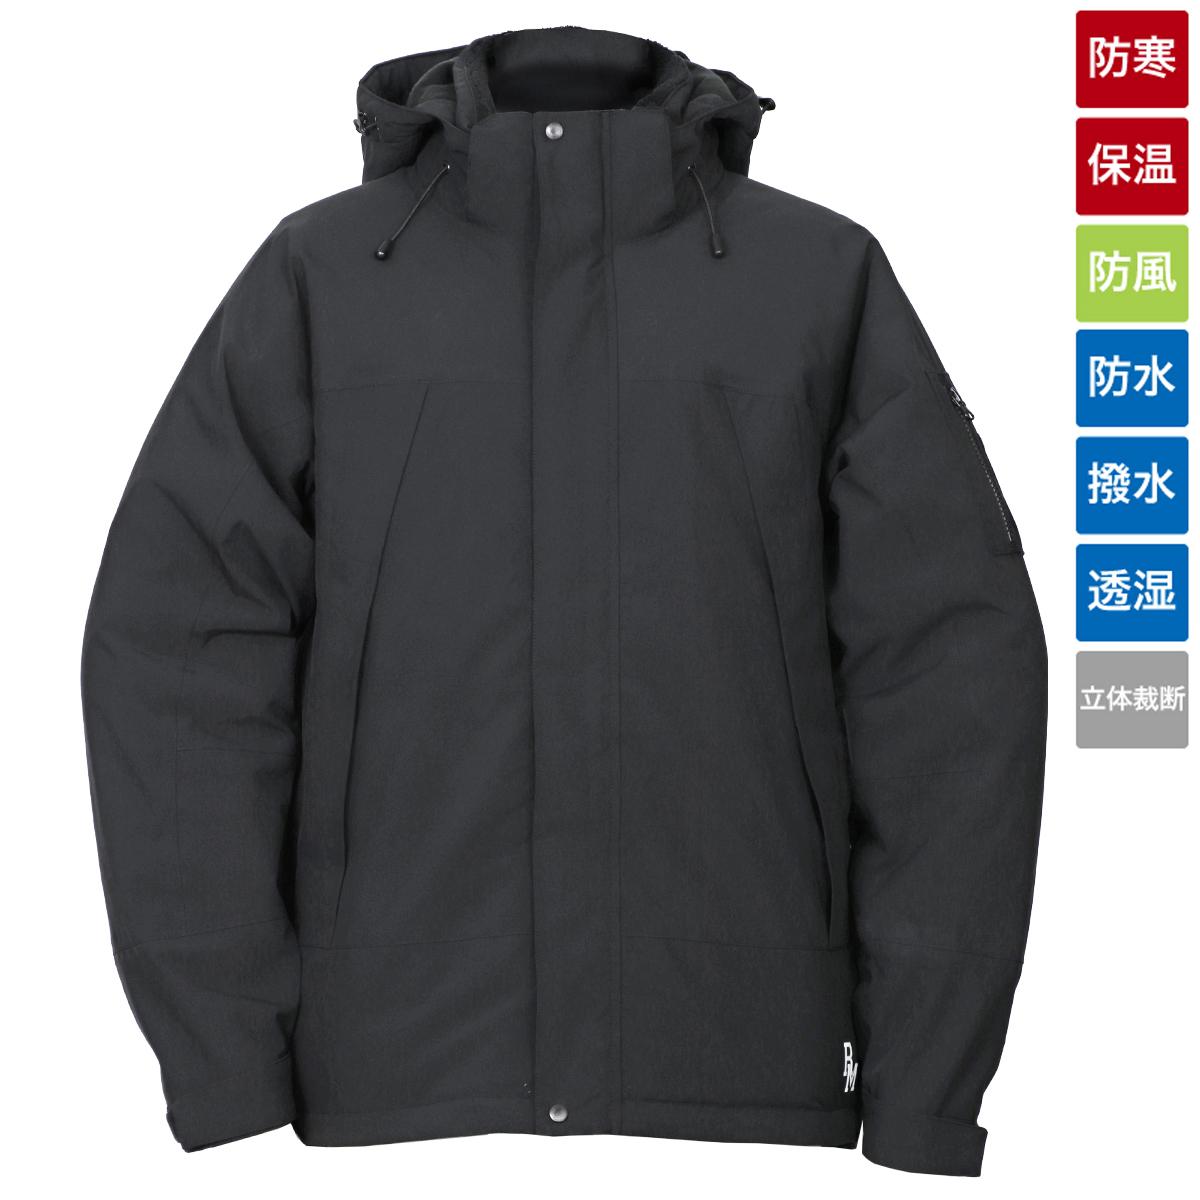 タカミヤ REAL METHOD 防水ウィンターダウンジャケット M ブラック(東日本店)